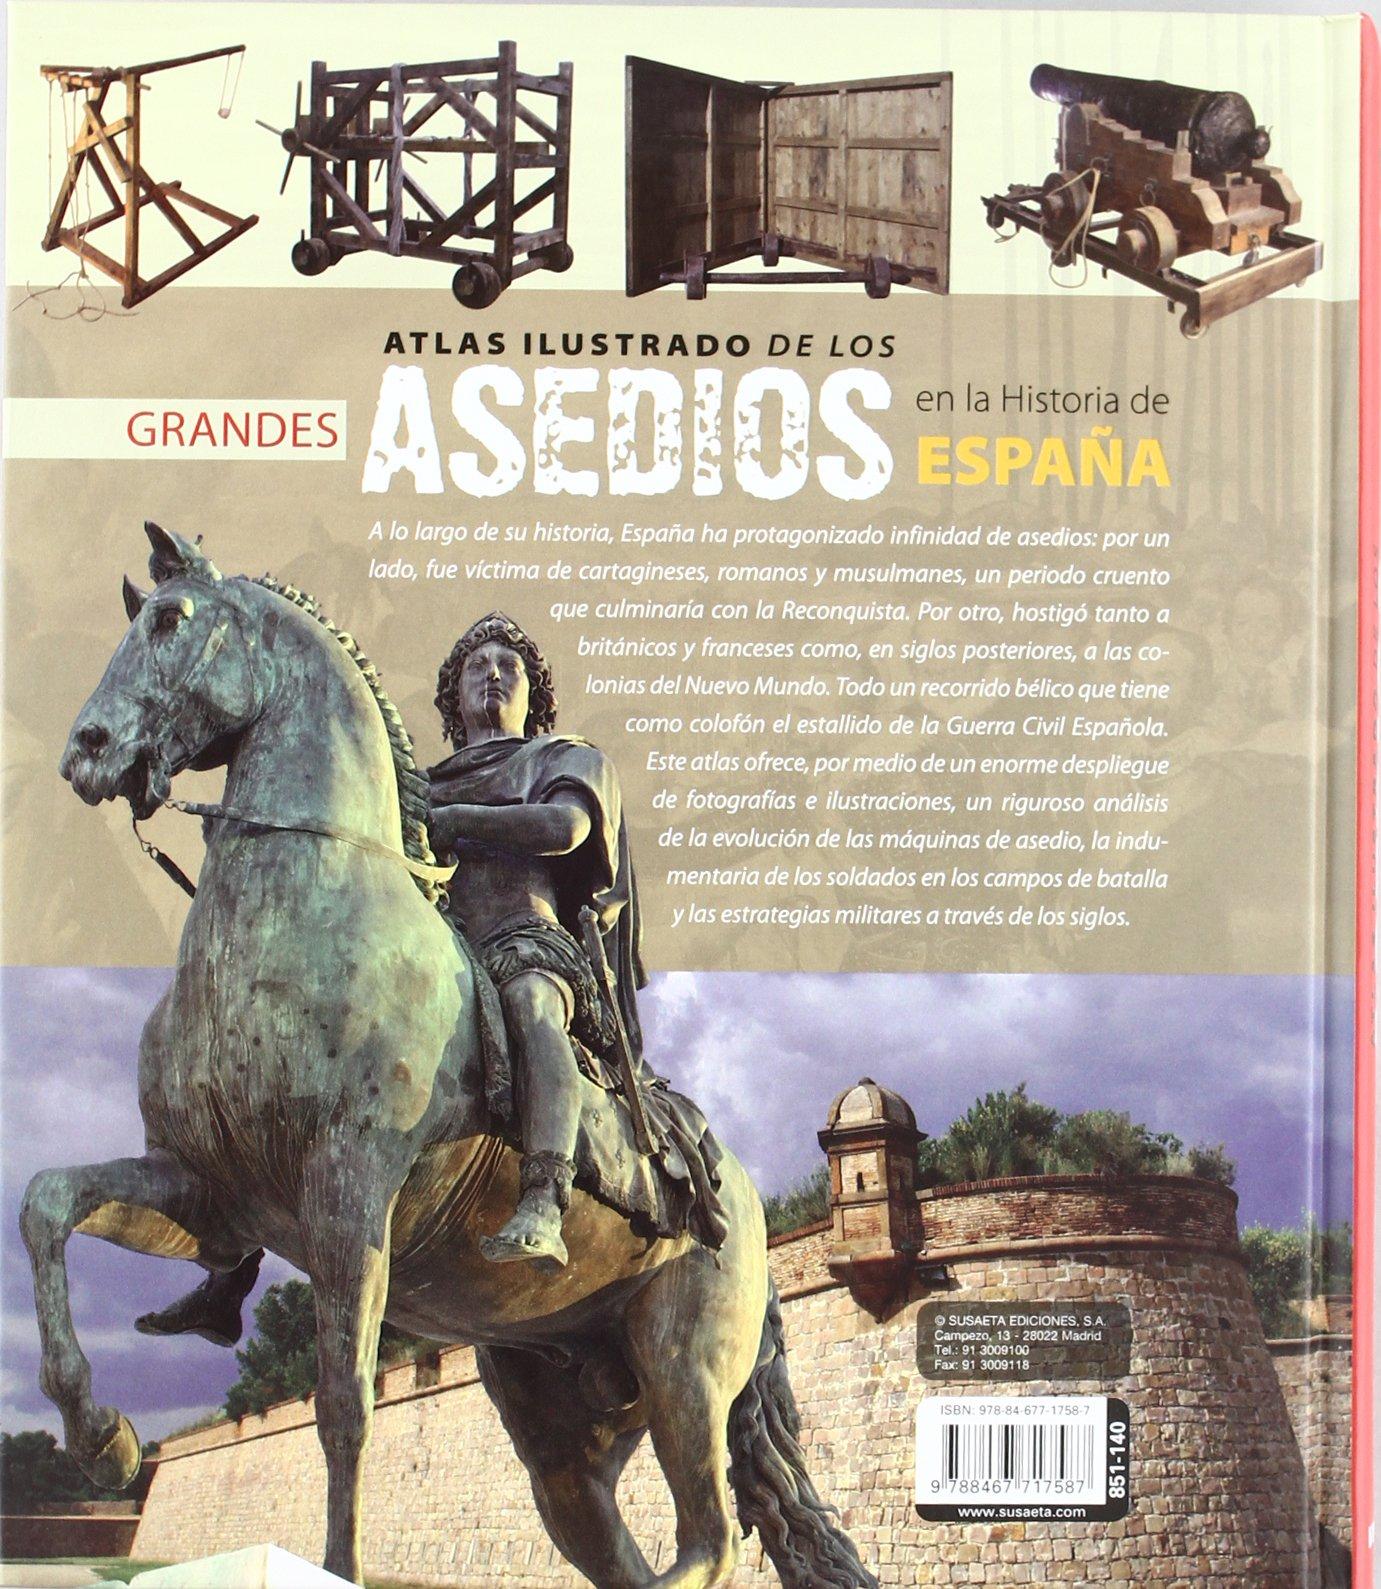 Atlas Ilustrado De Los Grandes Asedios En La Historia De España: Amazon.es: Sáez Abad, Rubén, Susaeta, Equipo: Libros